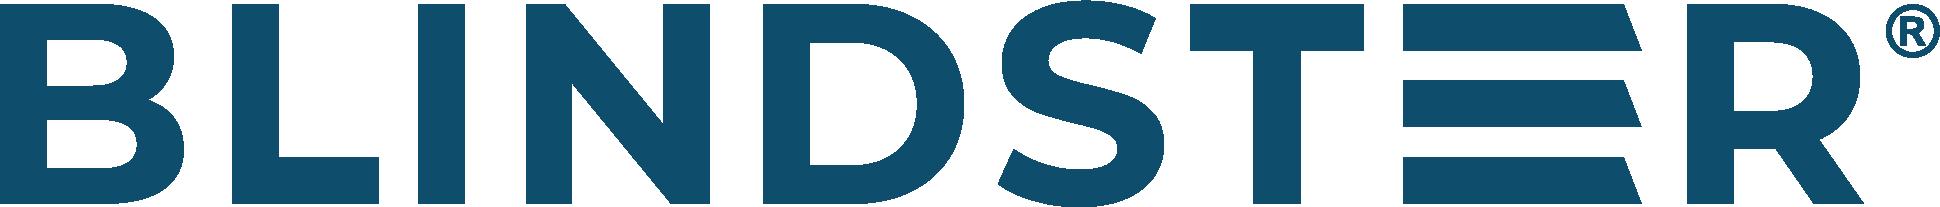 Blindster-logo.png